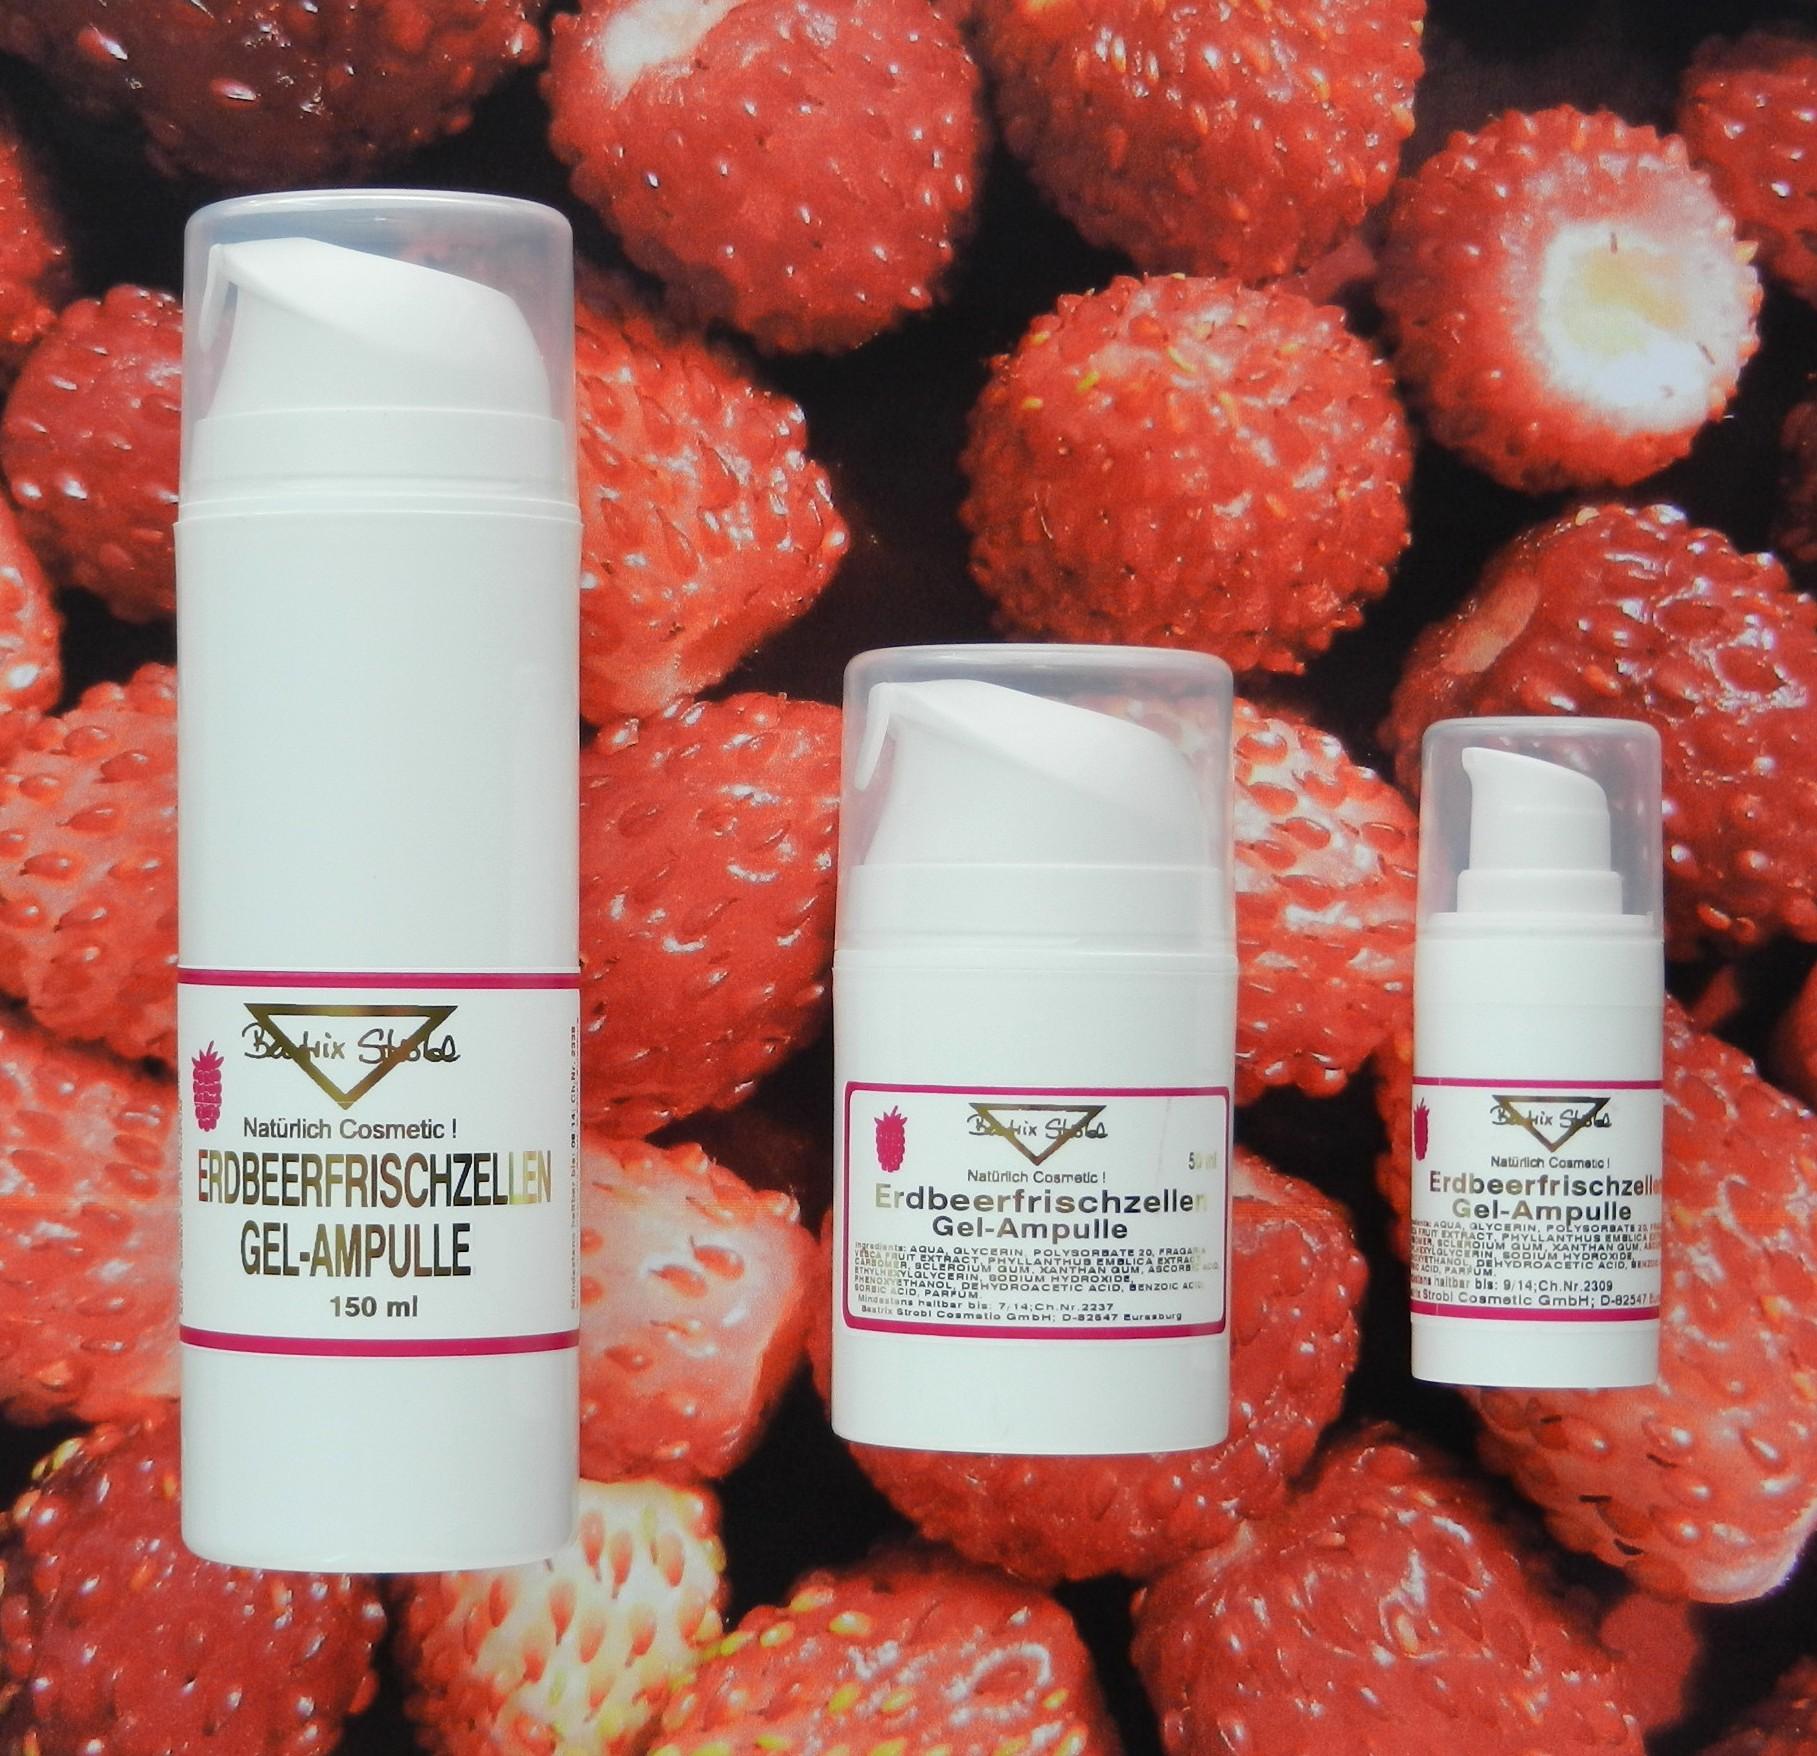 Erdbeerfrischzellen Gel Ampulle